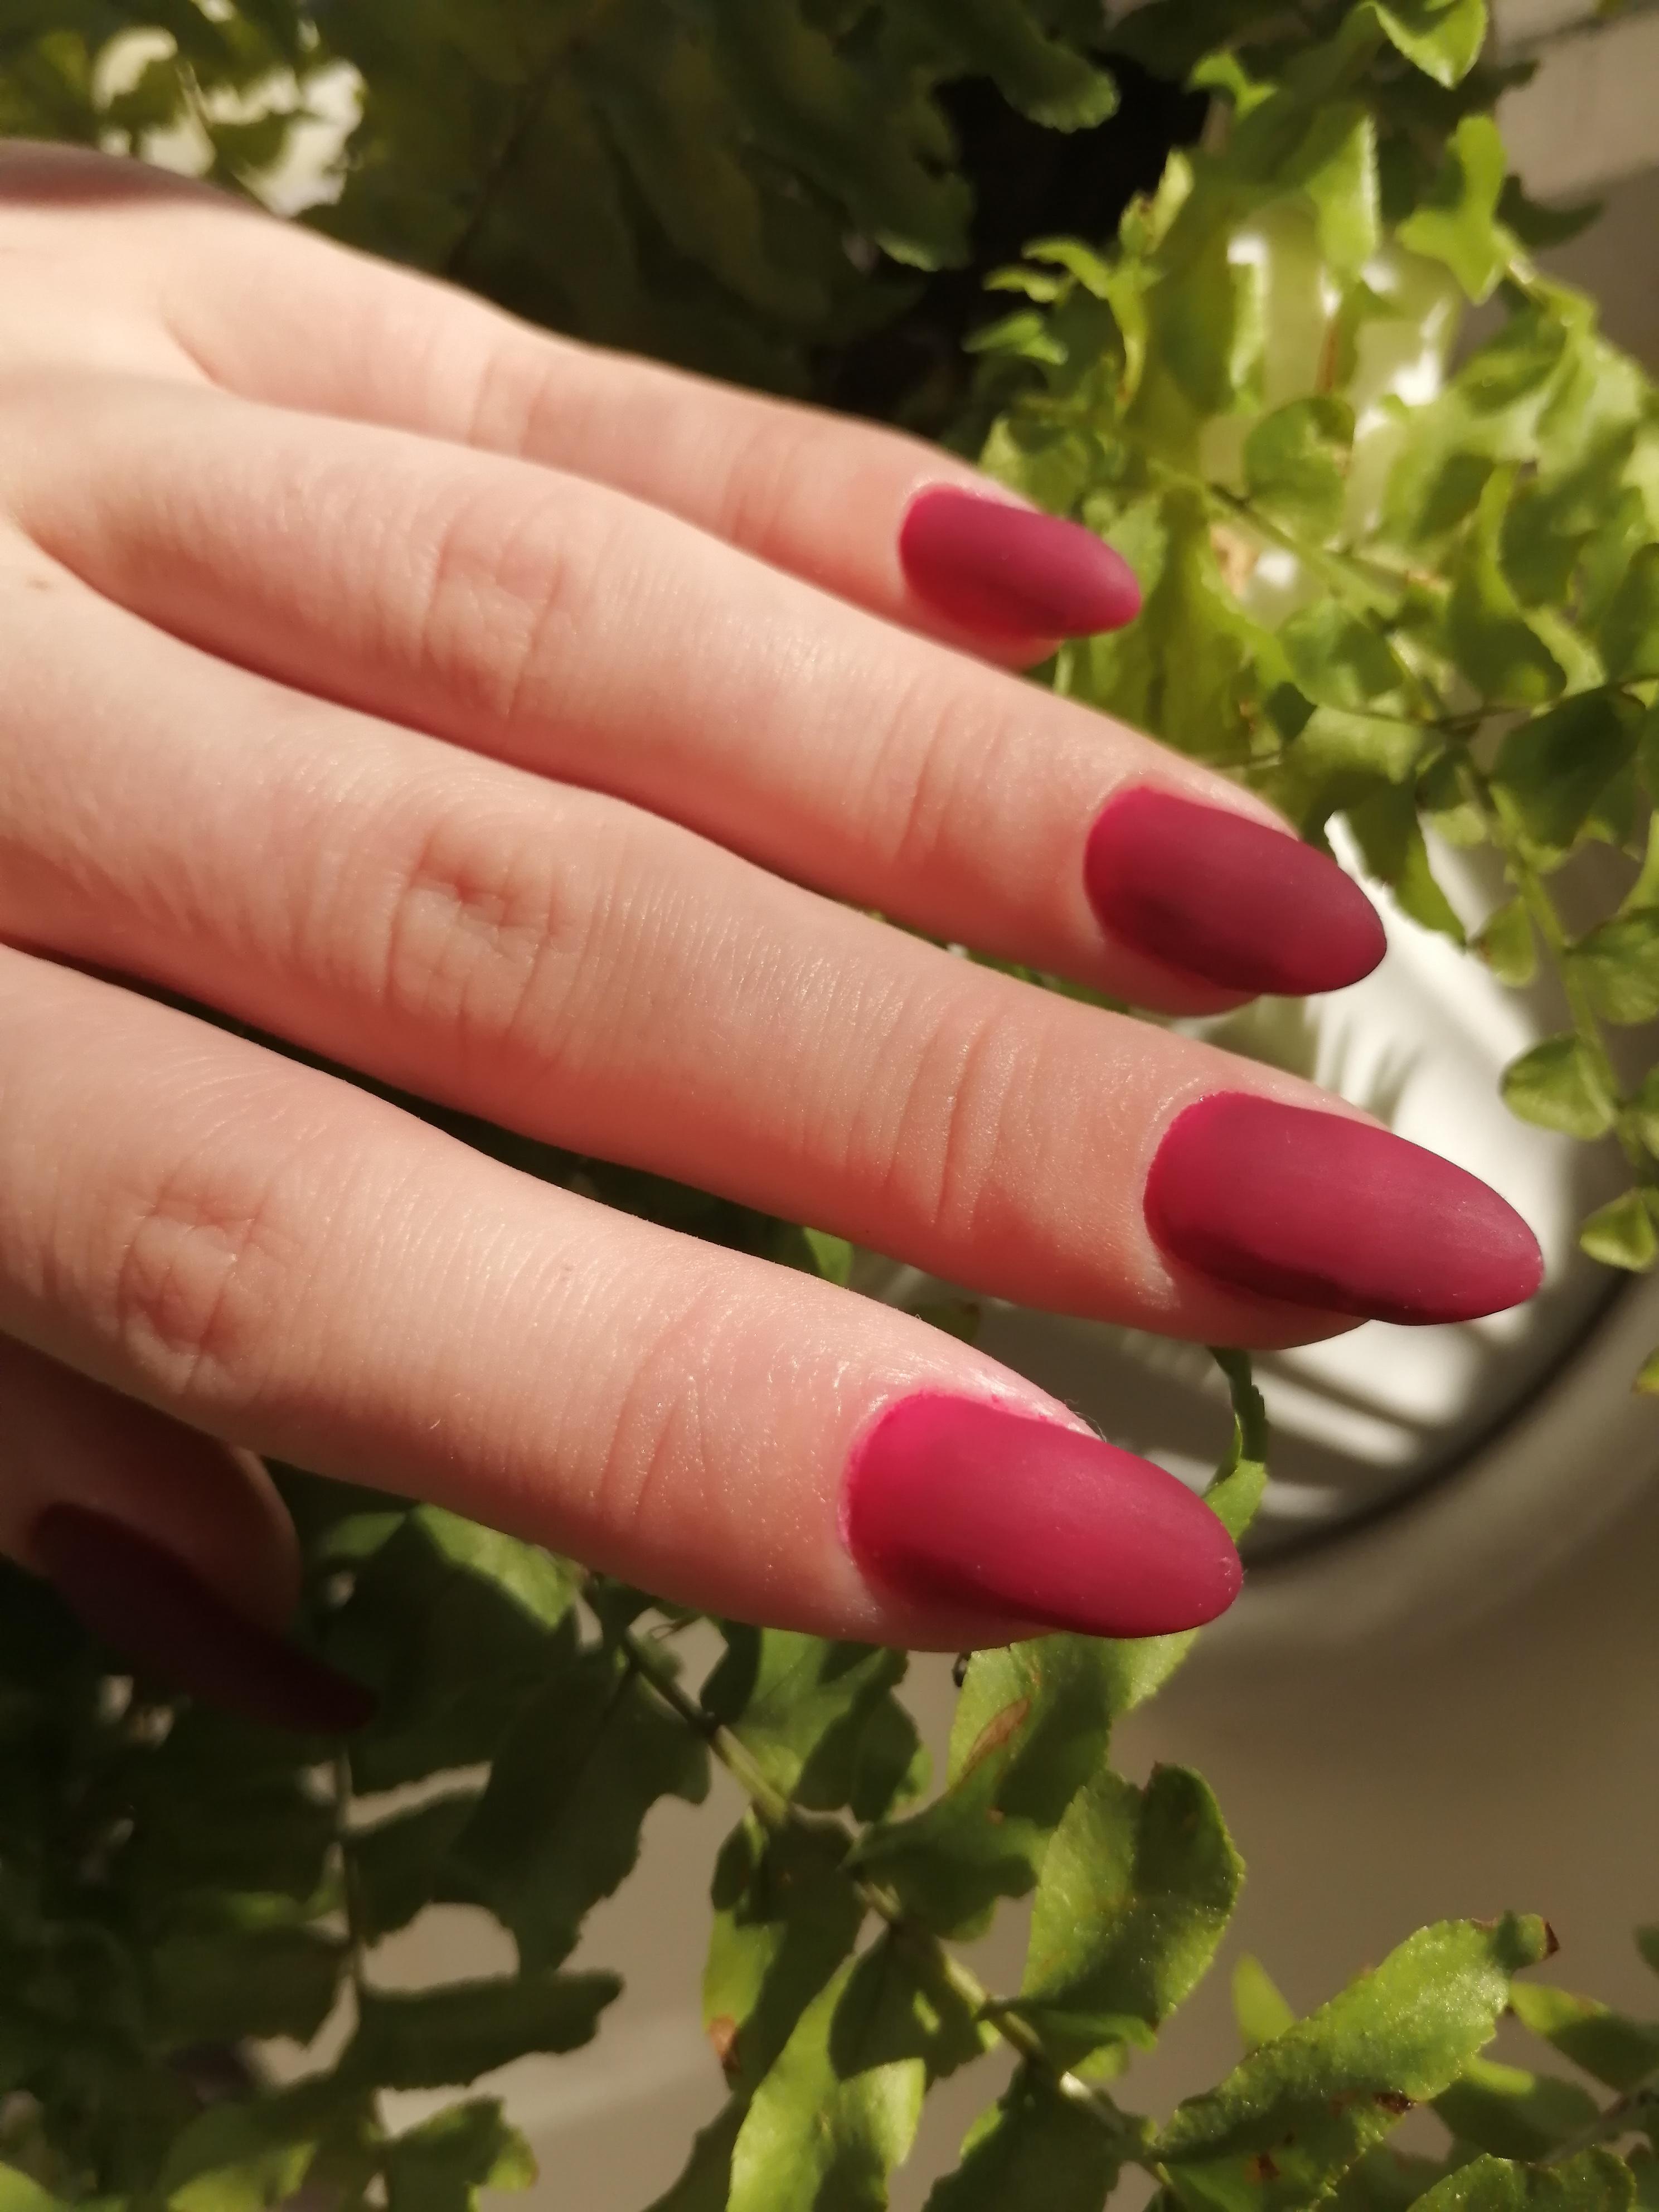 Матовый маникюр в бордовом цвете на длинные ногти.